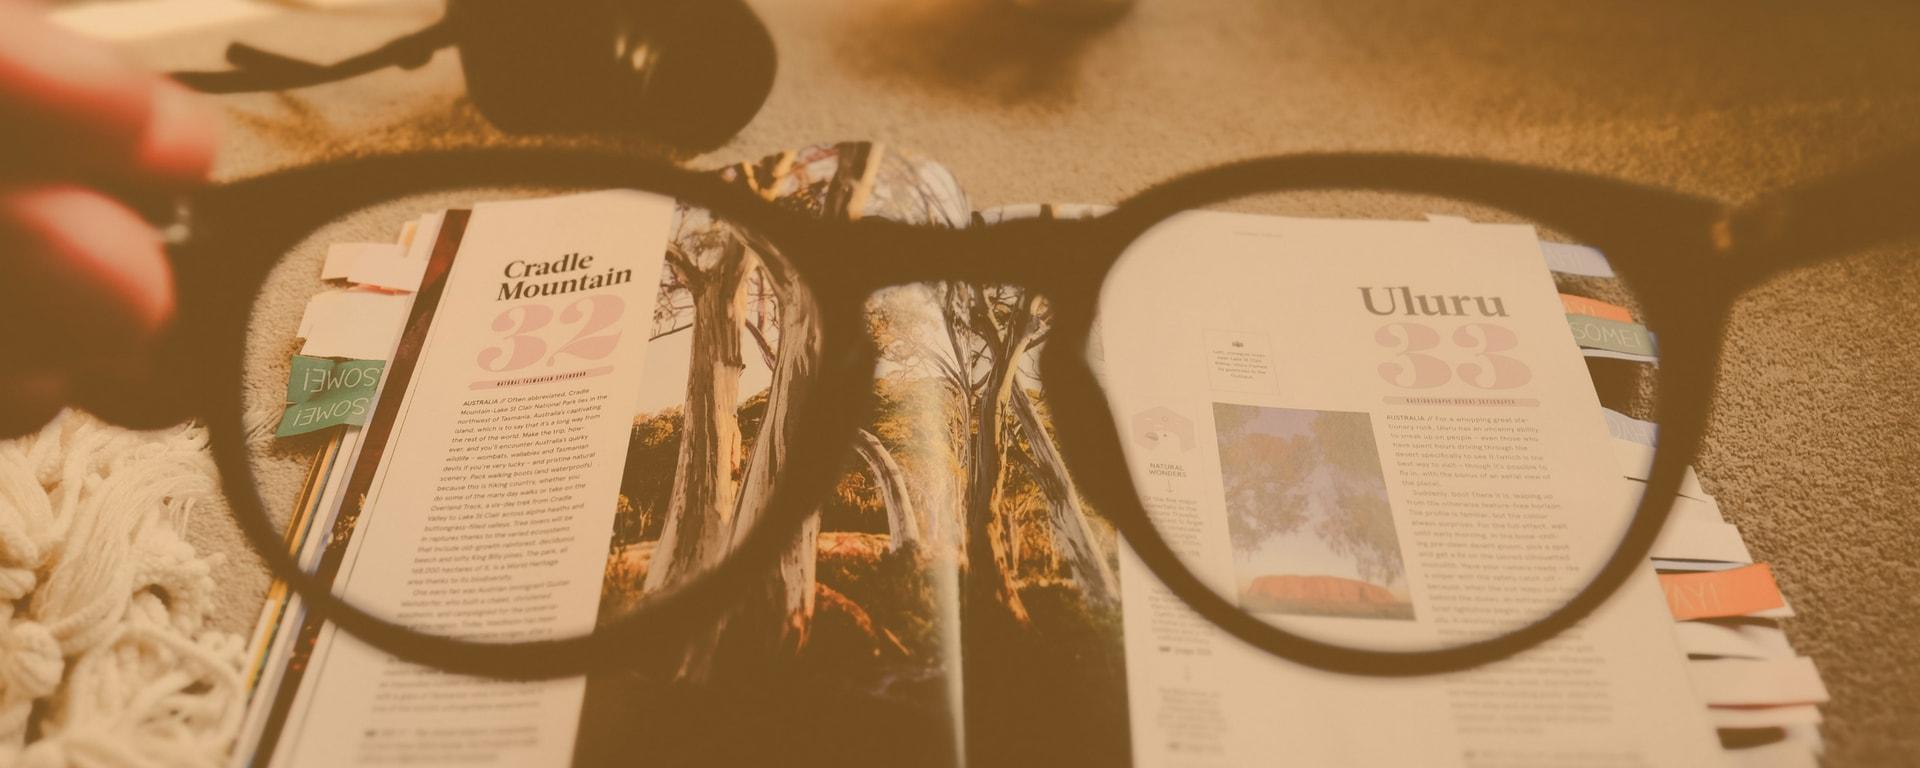 5 preguntas de investigación de mercado que siempre quisiste hacer